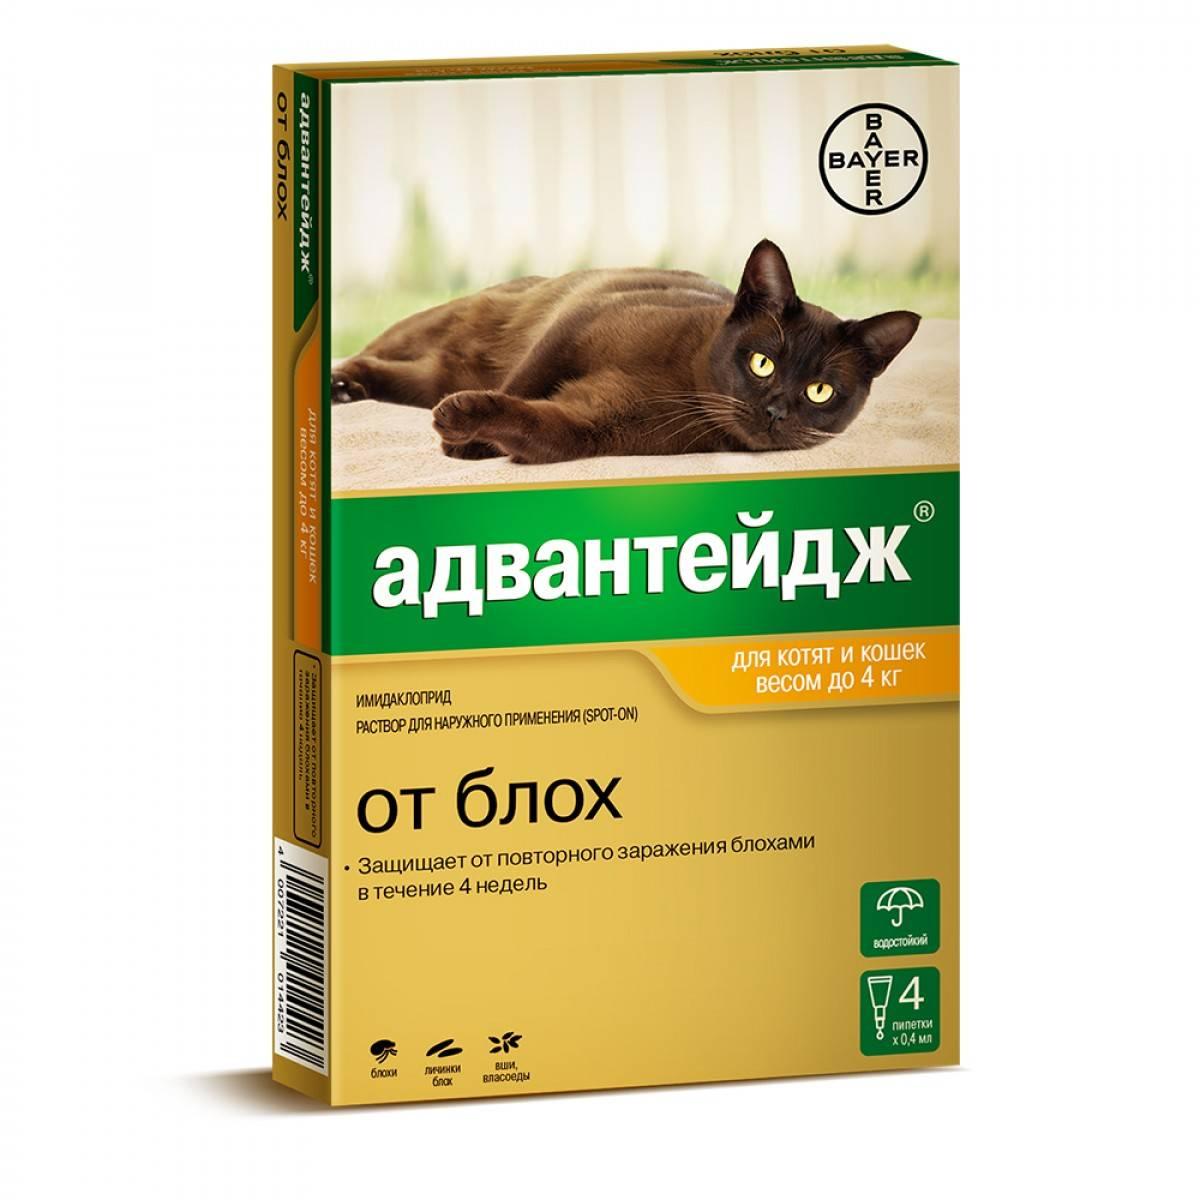 Адвантейдж / advantage (капли) для кошек   отзывы о применении препаратов для животных от ветеринаров и заводчиков